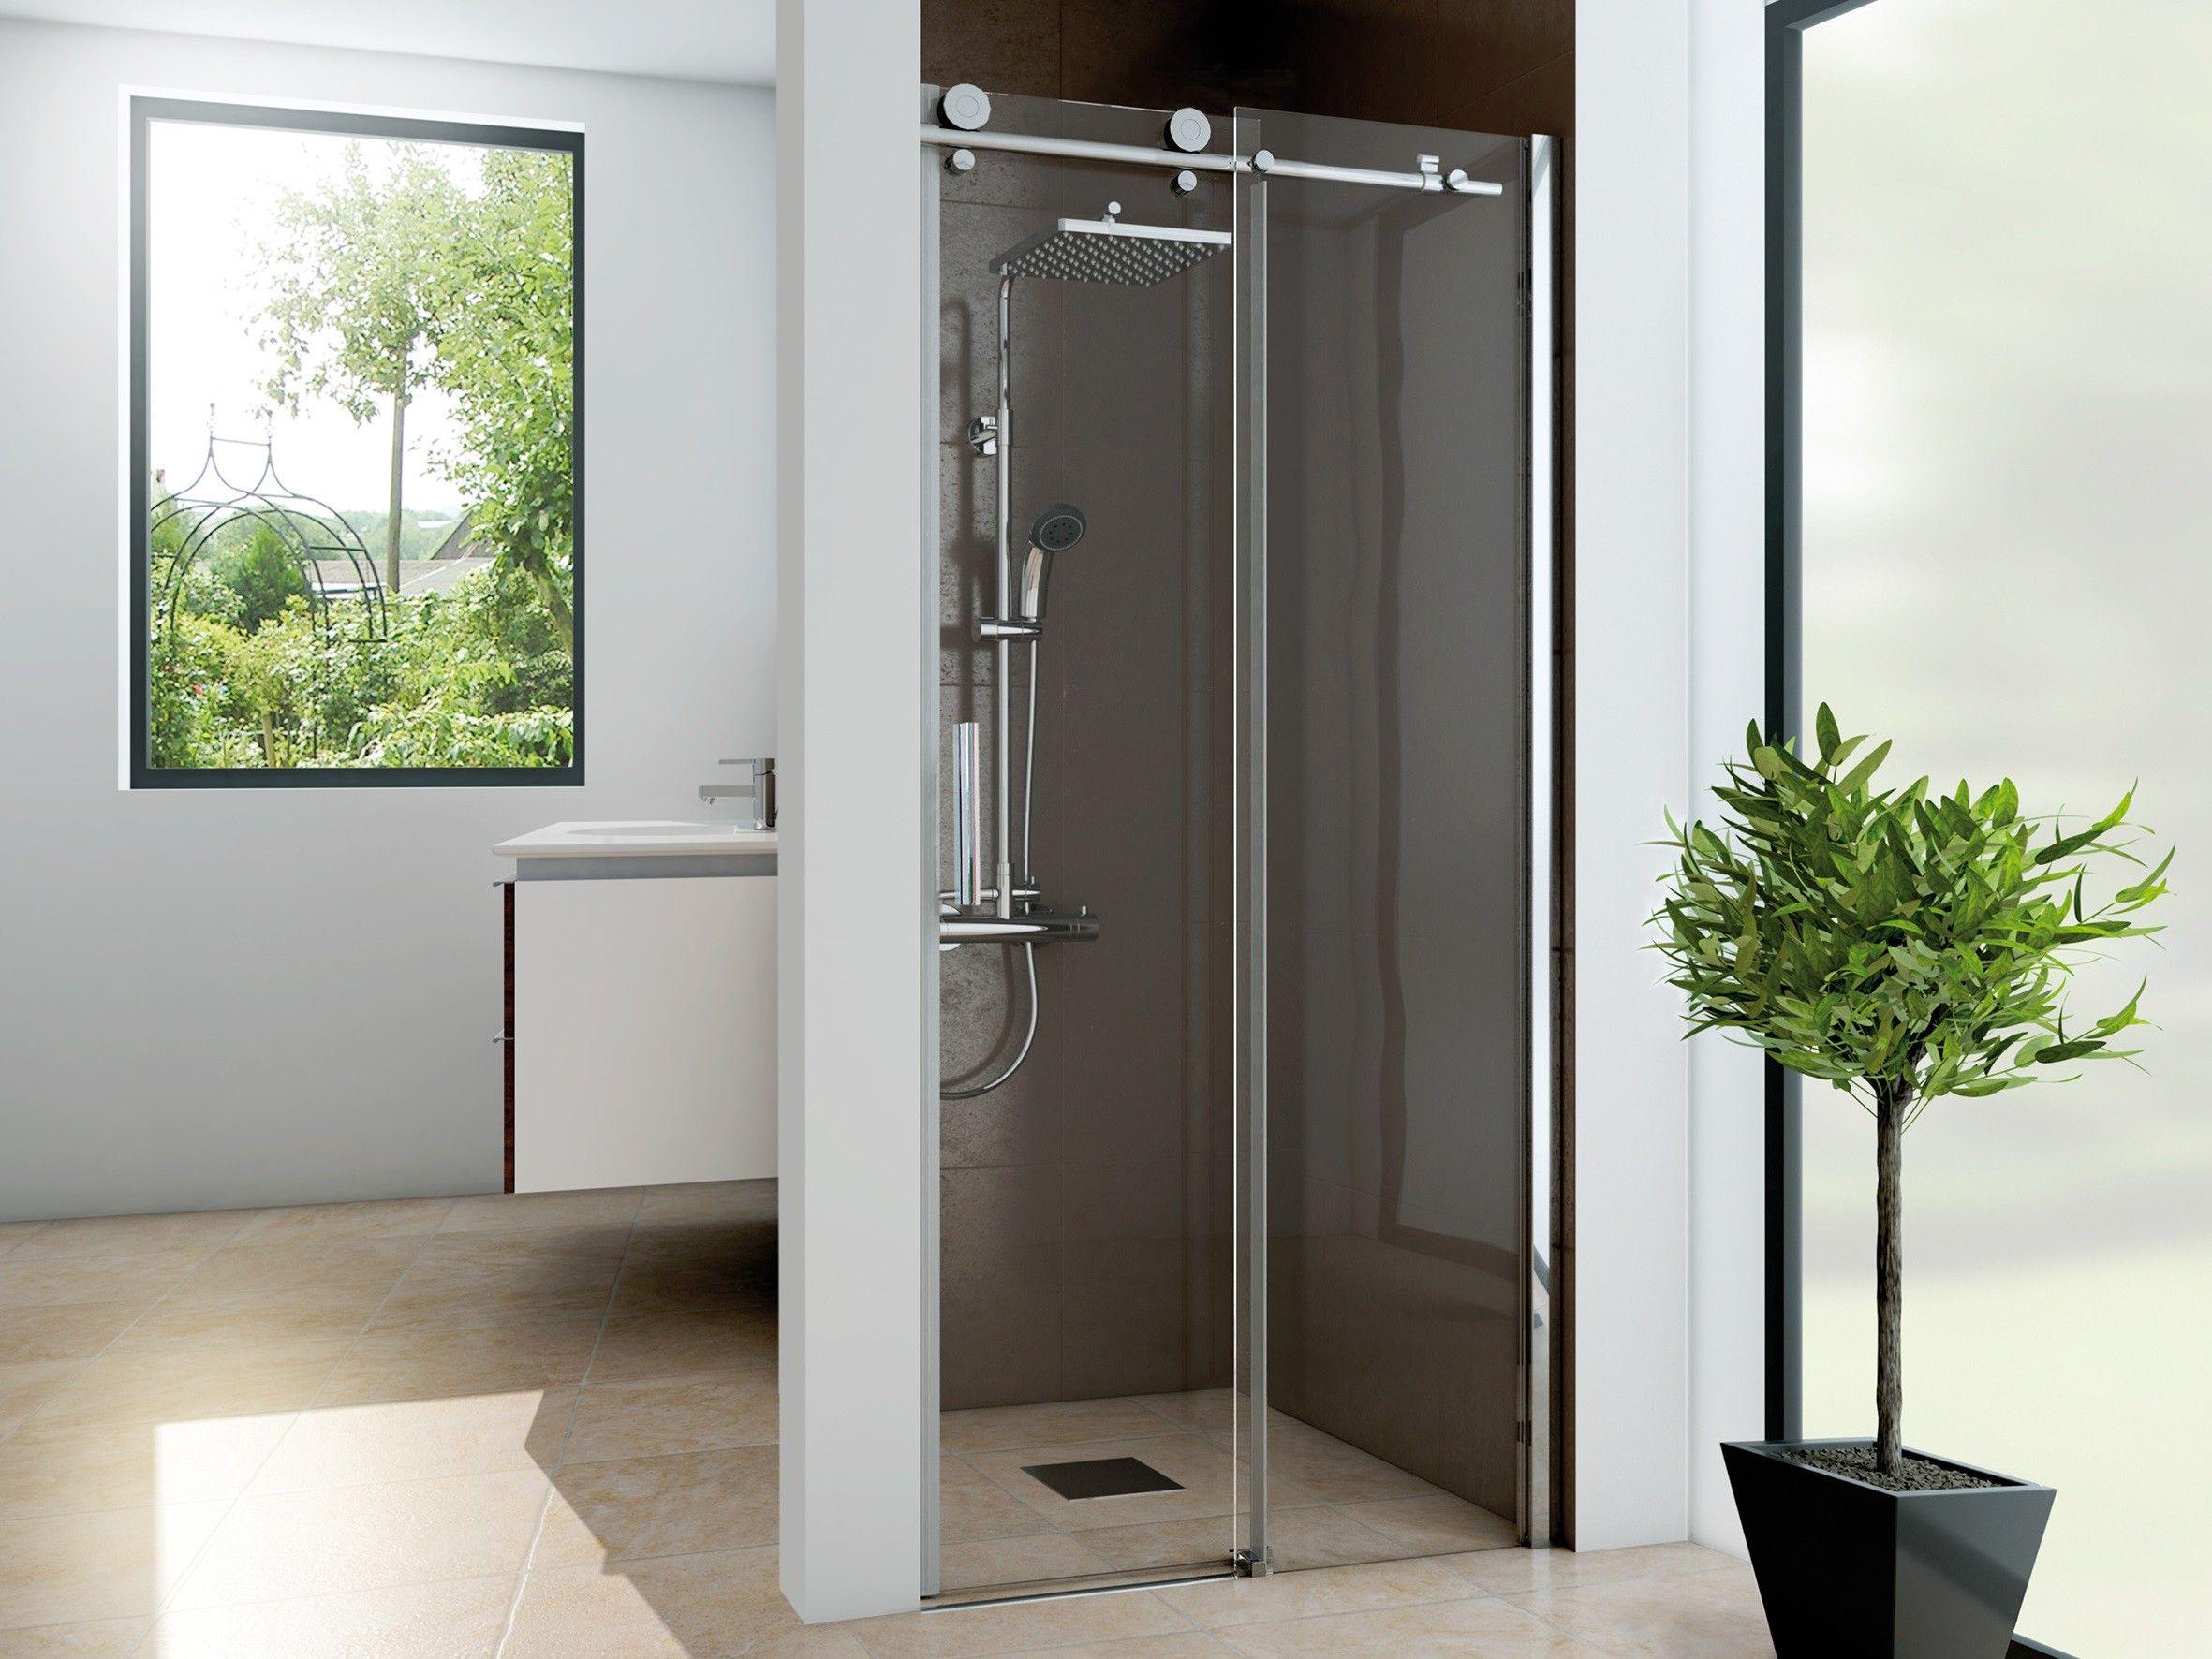 Dusche Nischentur Schiebetur 120 X 220 Cm Bad Design Heizung Nischentur Schiebetur Duschtur